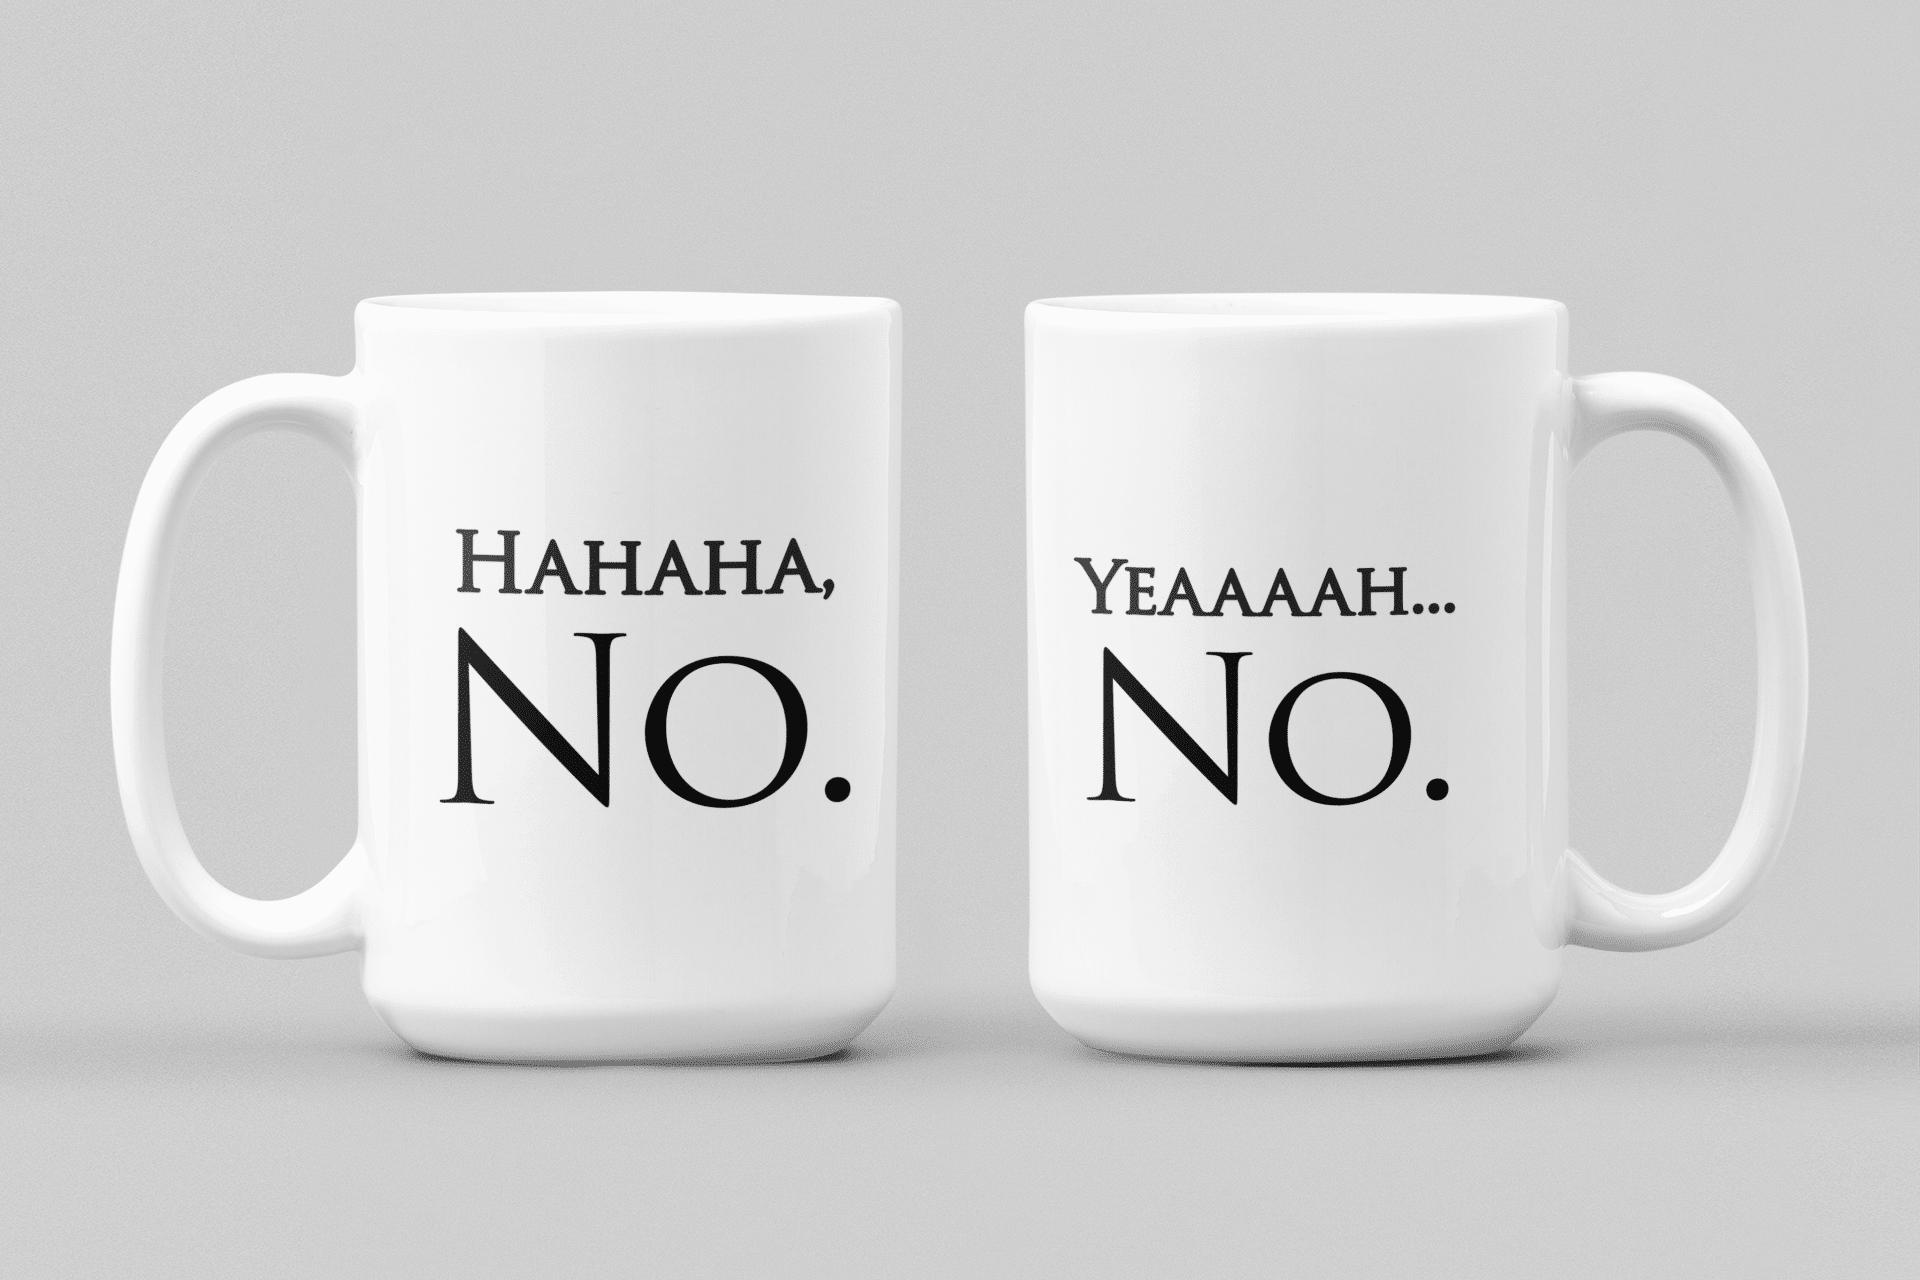 no-mug-1